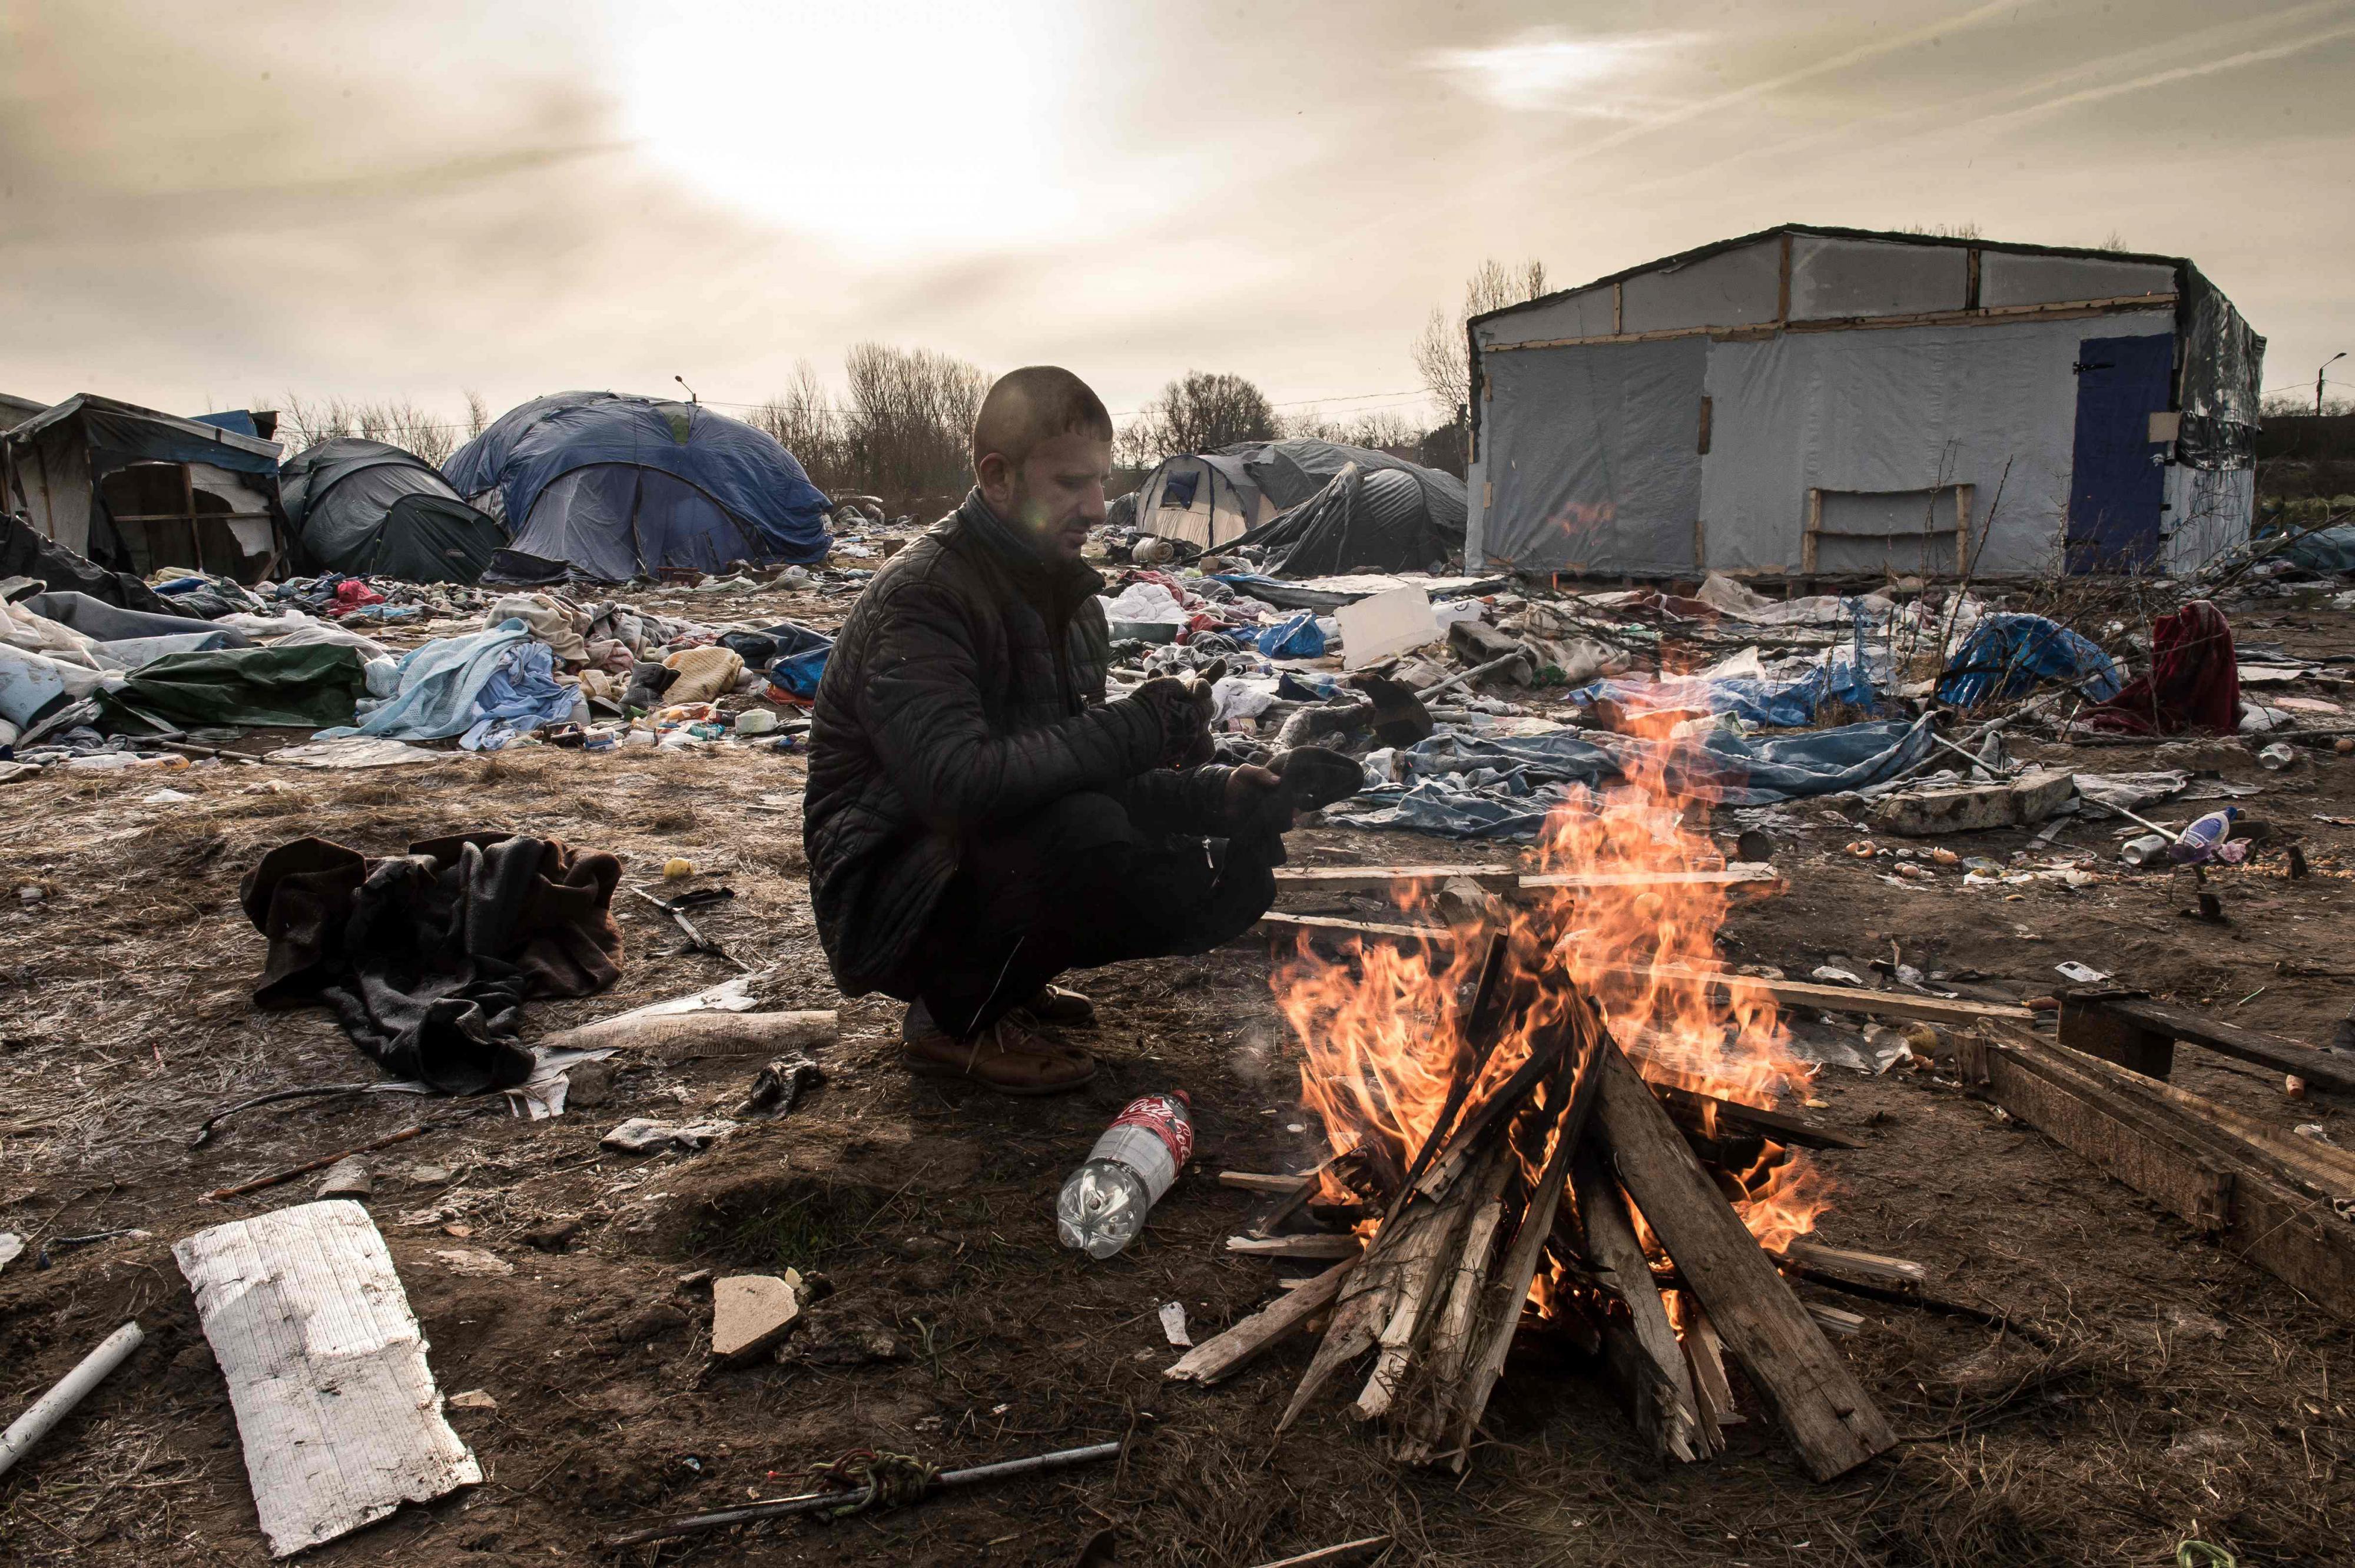 Een vluchteling op het ontruimde tentenkamp de 'Jungle' van Calais. Foto: EPA